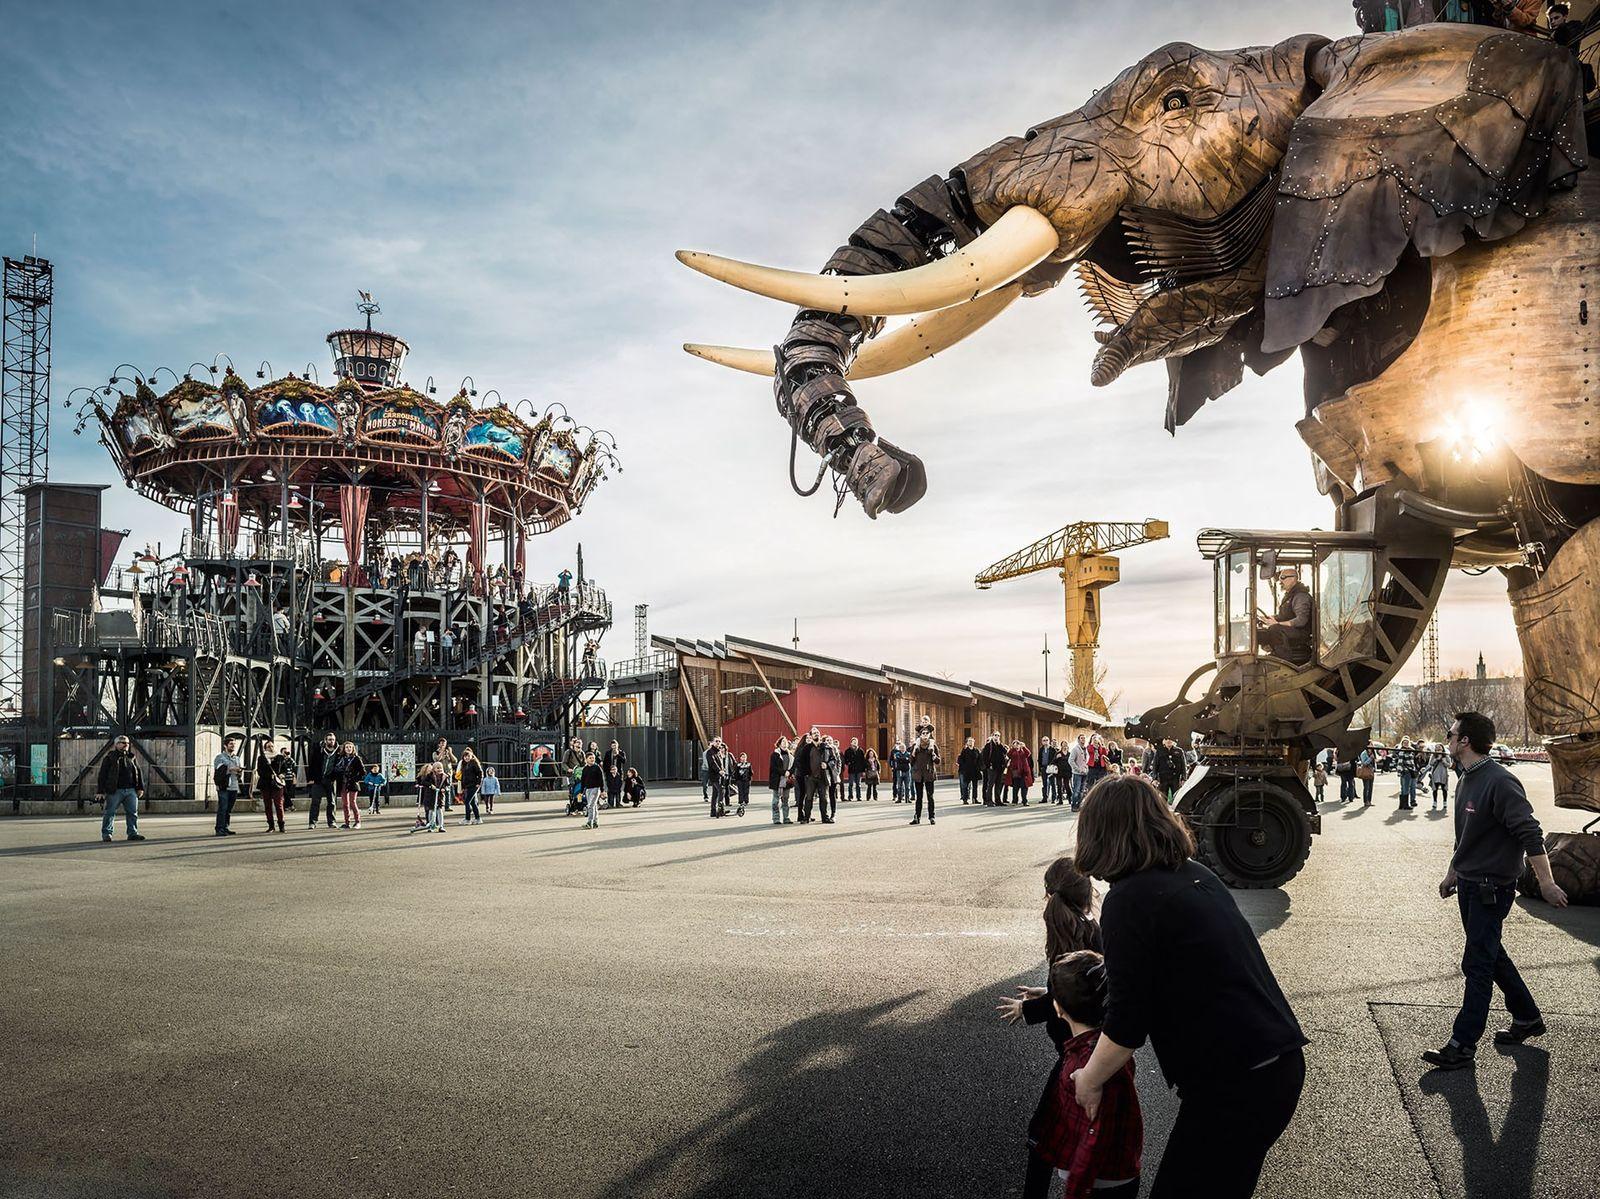 Nantes' cultural district